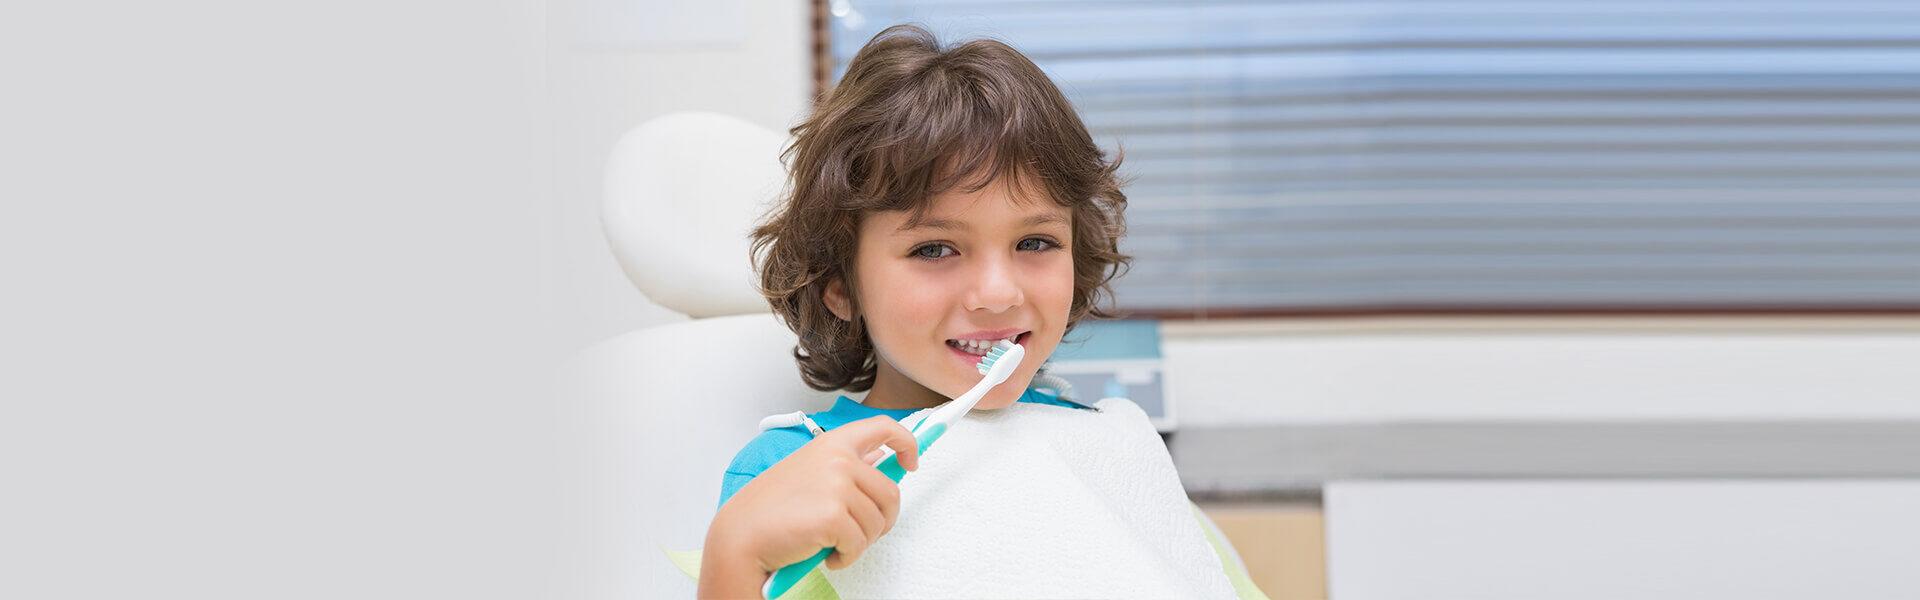 Children's Dentistry in Dublin, CA